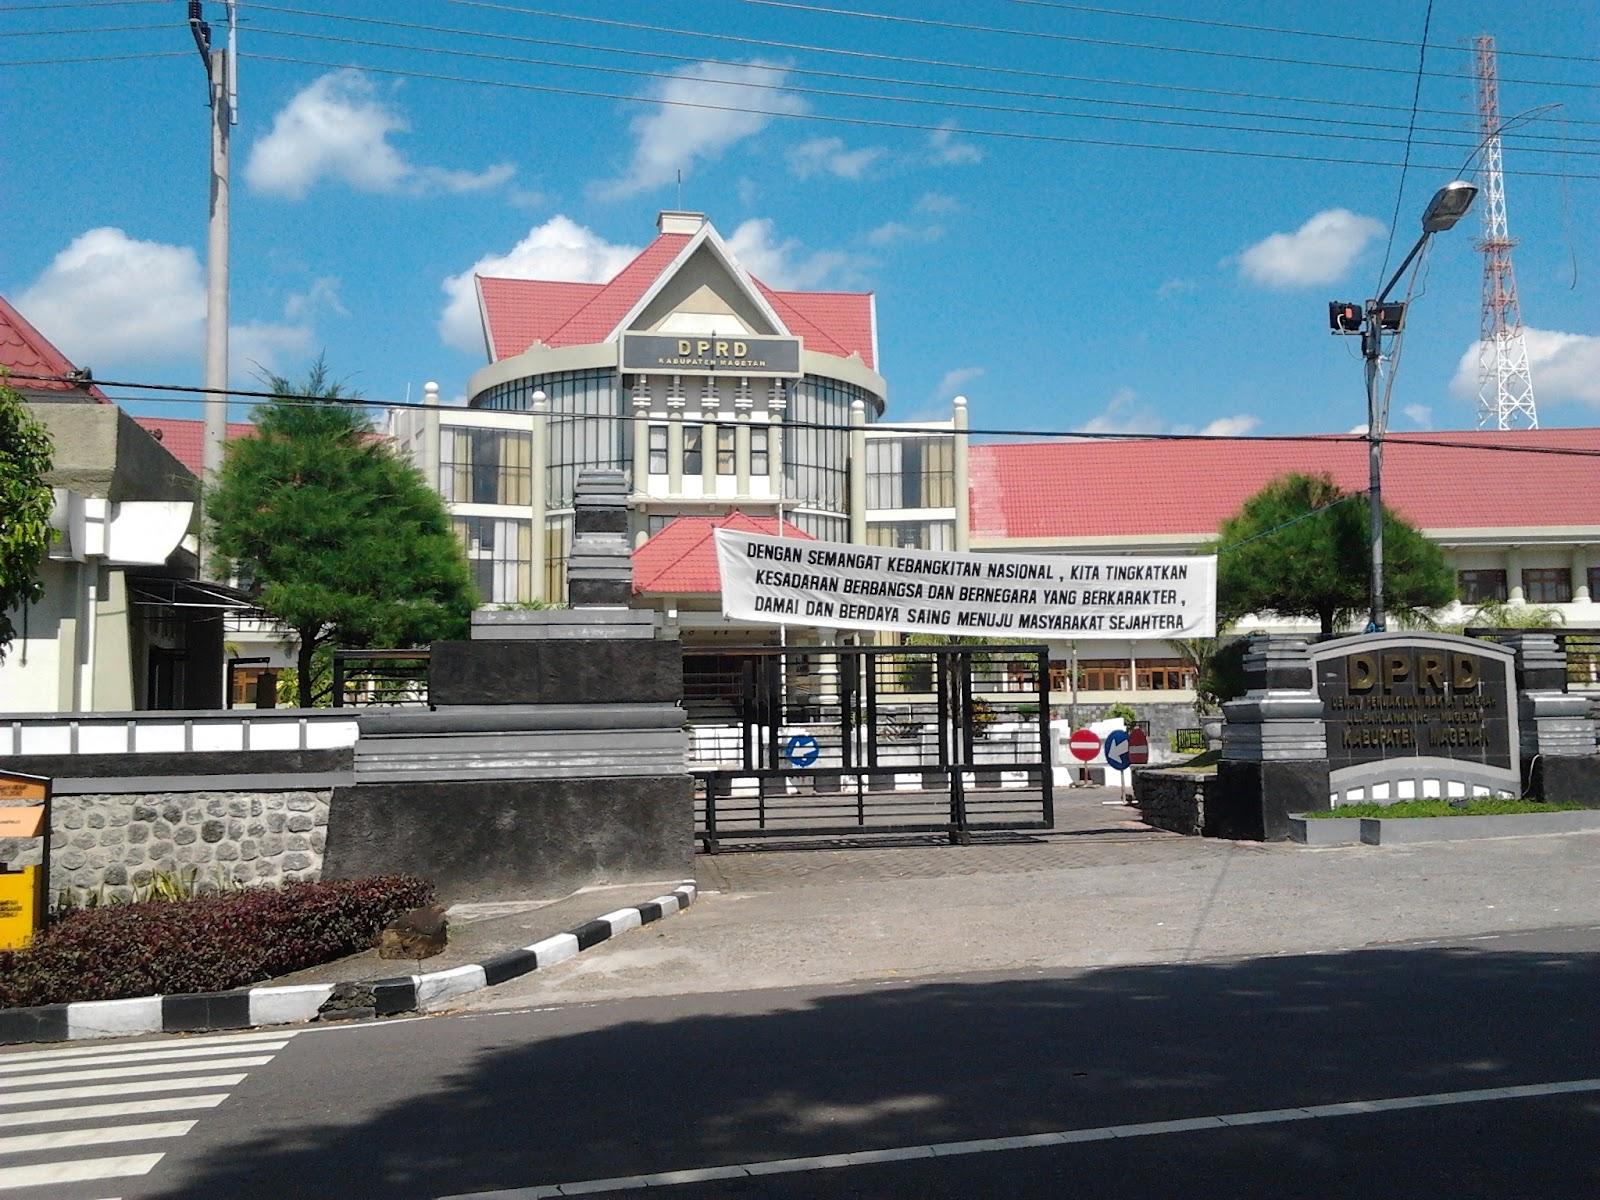 Gedung Dpr Kabupaten Magetan Kolam Renang Tirta Naga Sari Kab